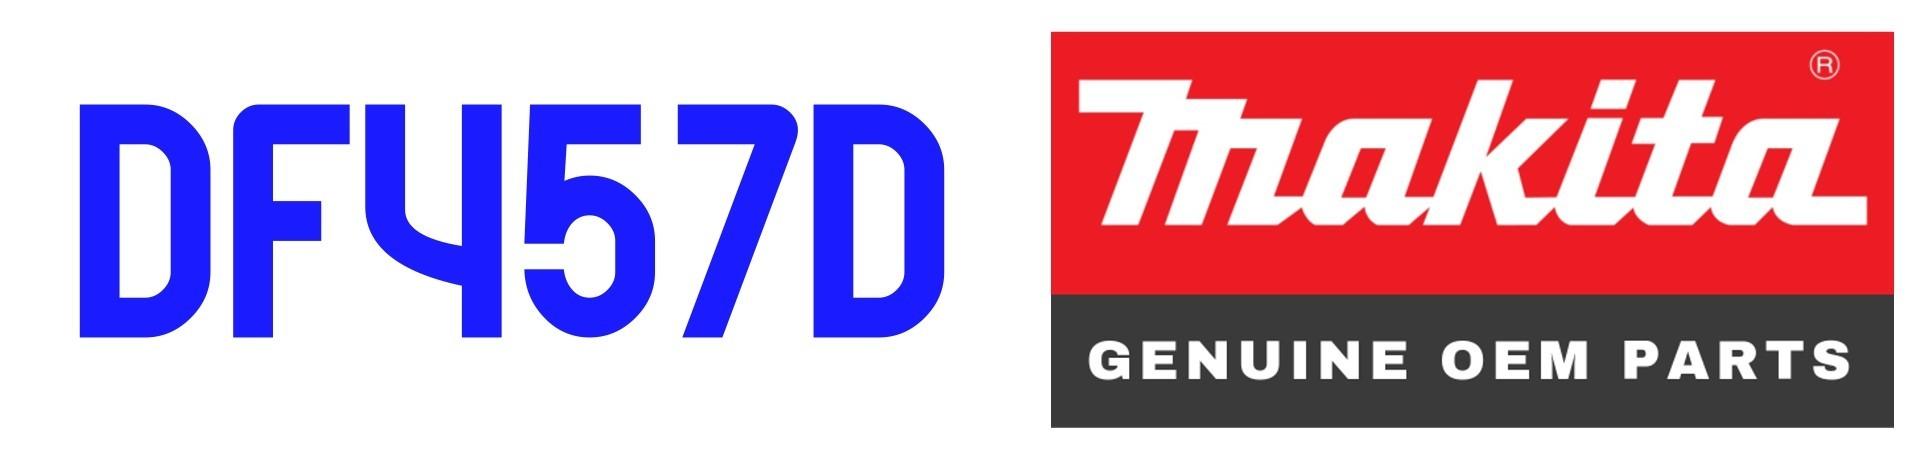 DF457D